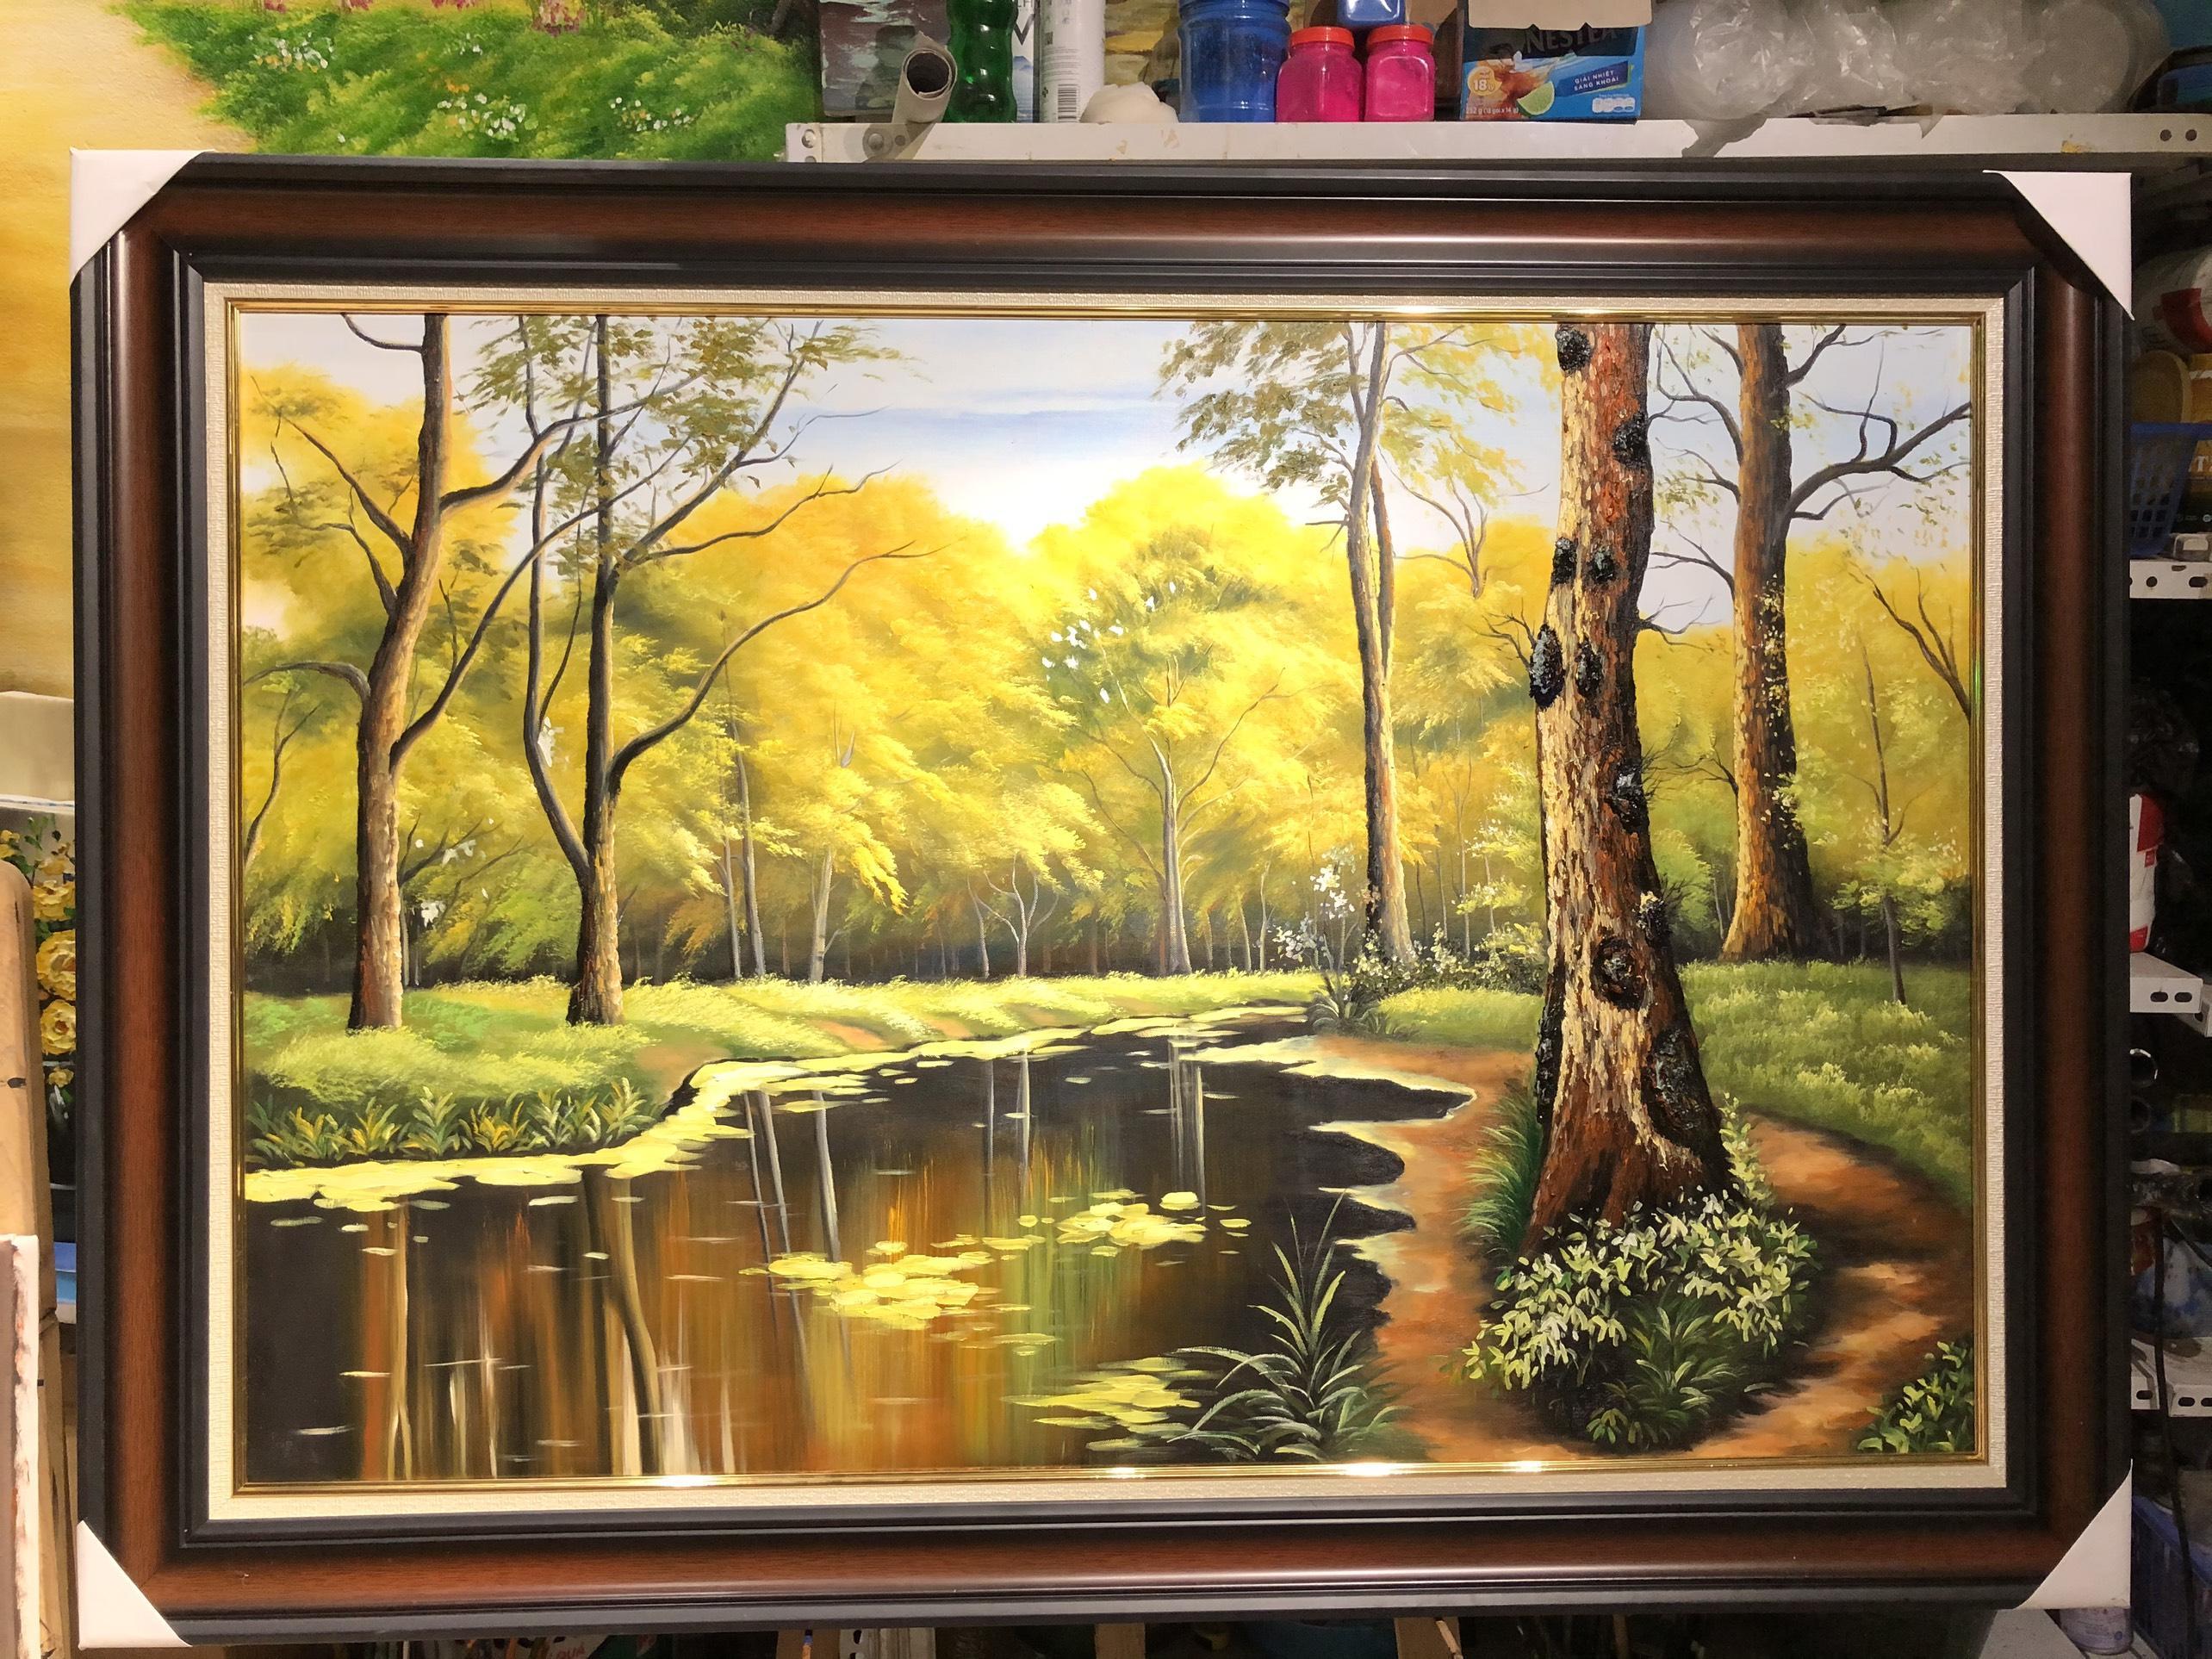 Tranh Phong Cảnh Rừng Vàng